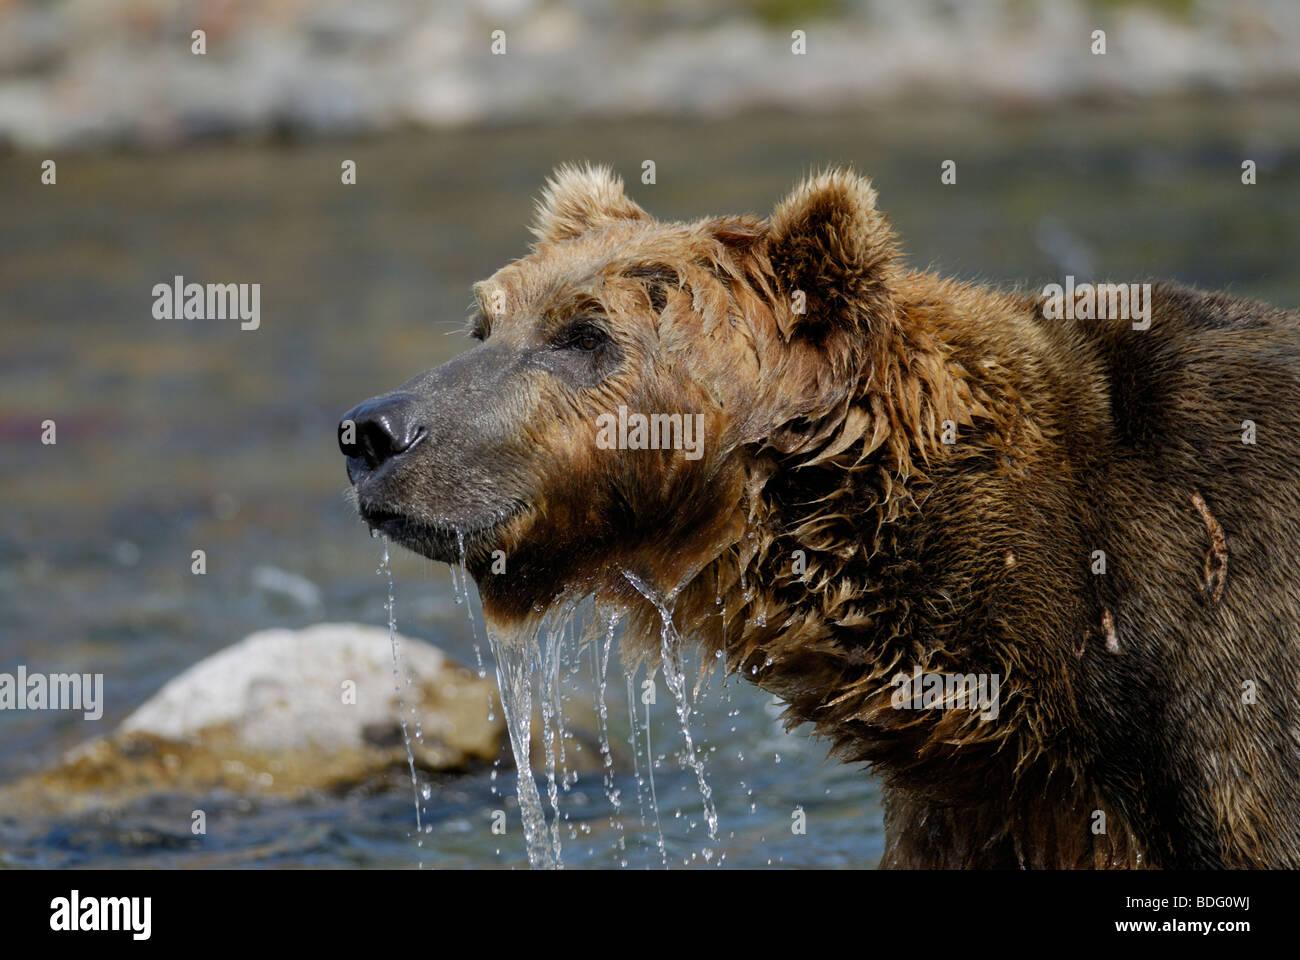 Ou l'ours brun ours brun, Ursus arctos horribilis, après avoir regardé dans l'eau pour le saumon. Deuxième dans l'ordre avec image # BDG0WC Banque D'Images